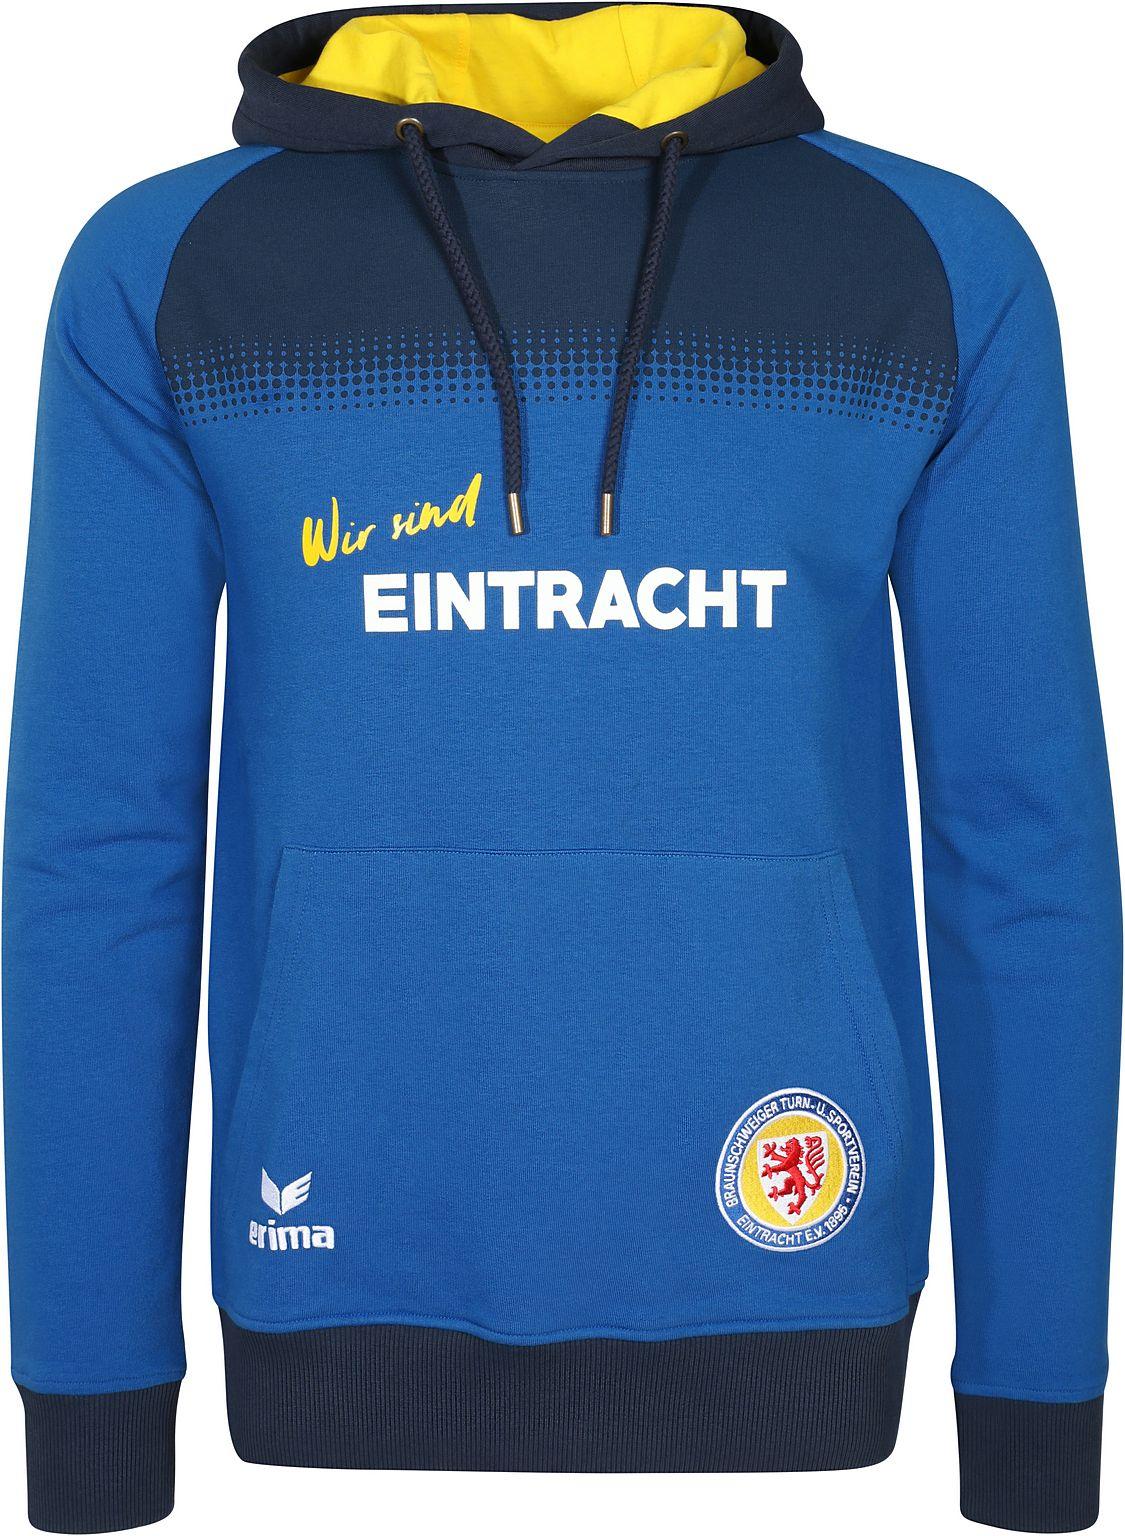 Erima Eintracht Braunschweig Herren Hoody 17/18...